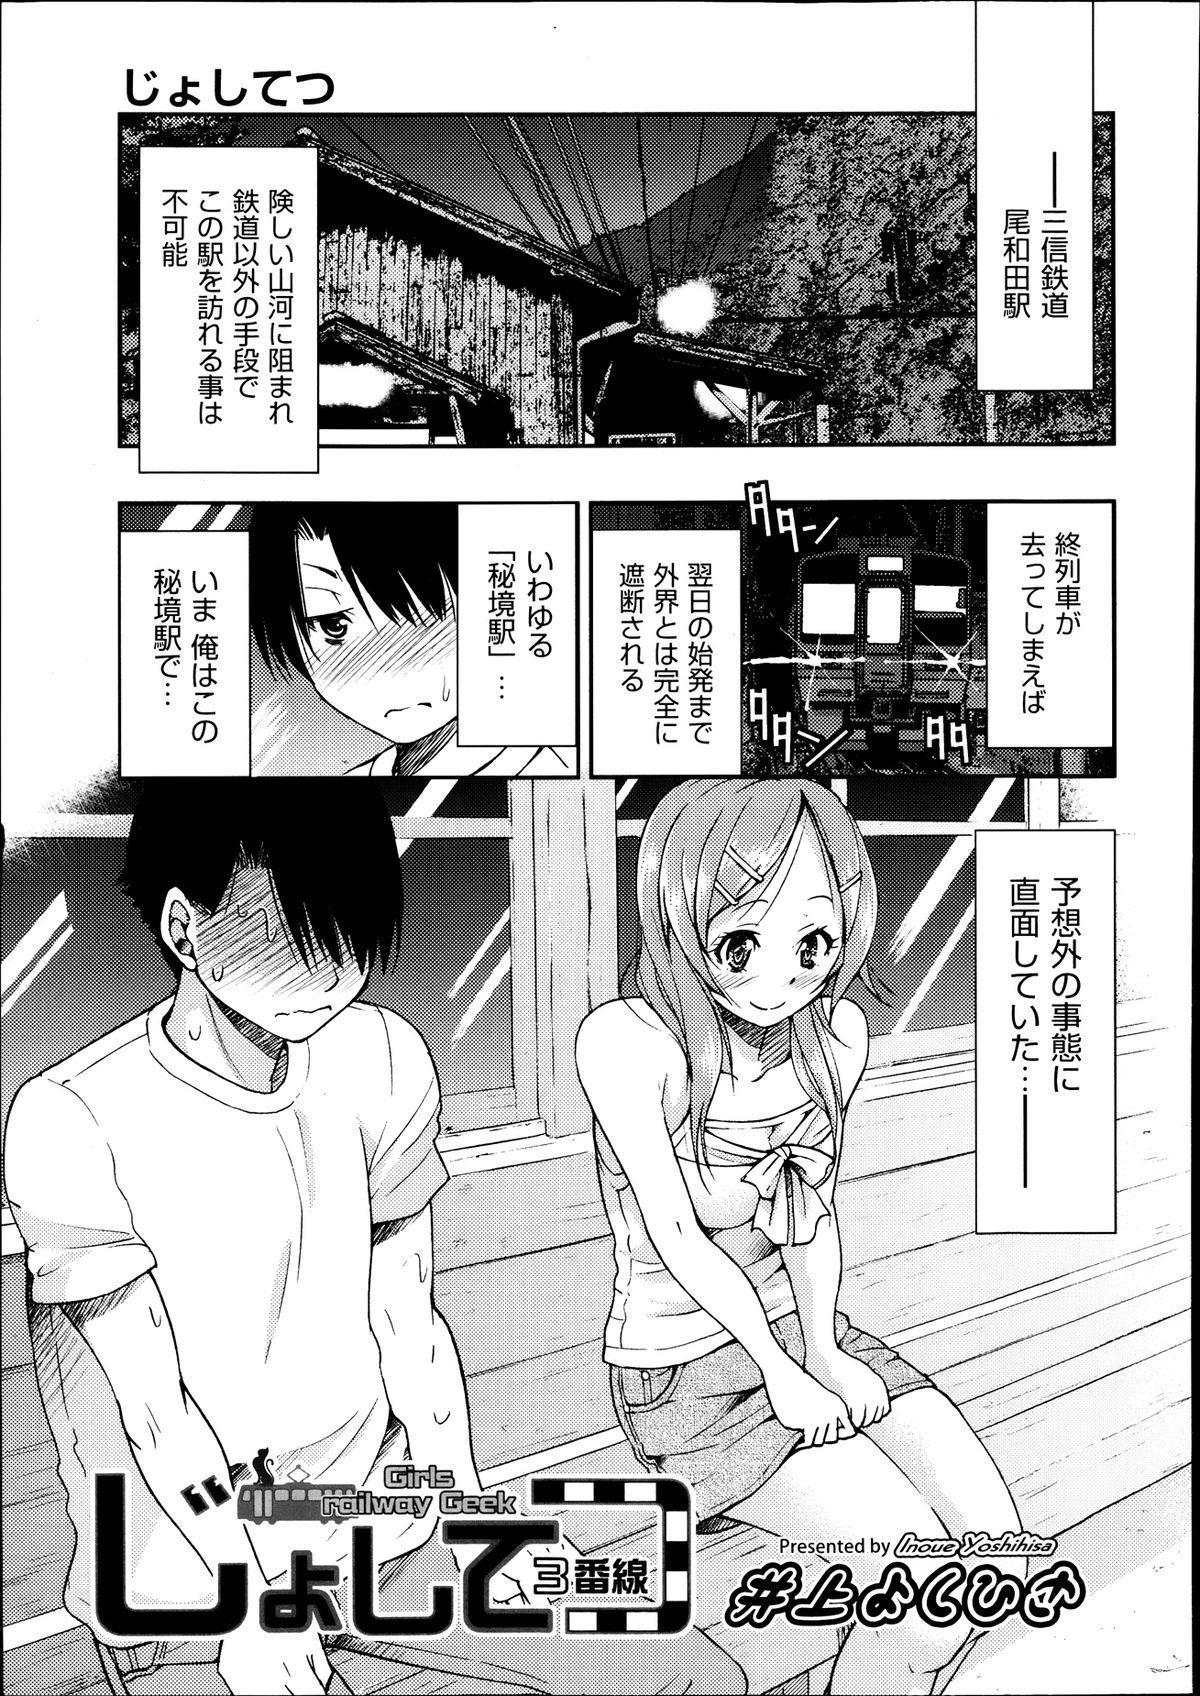 [Inoue Yoshihisa] Joshitetsu -Girls railway Geek- Ch.1-7 62